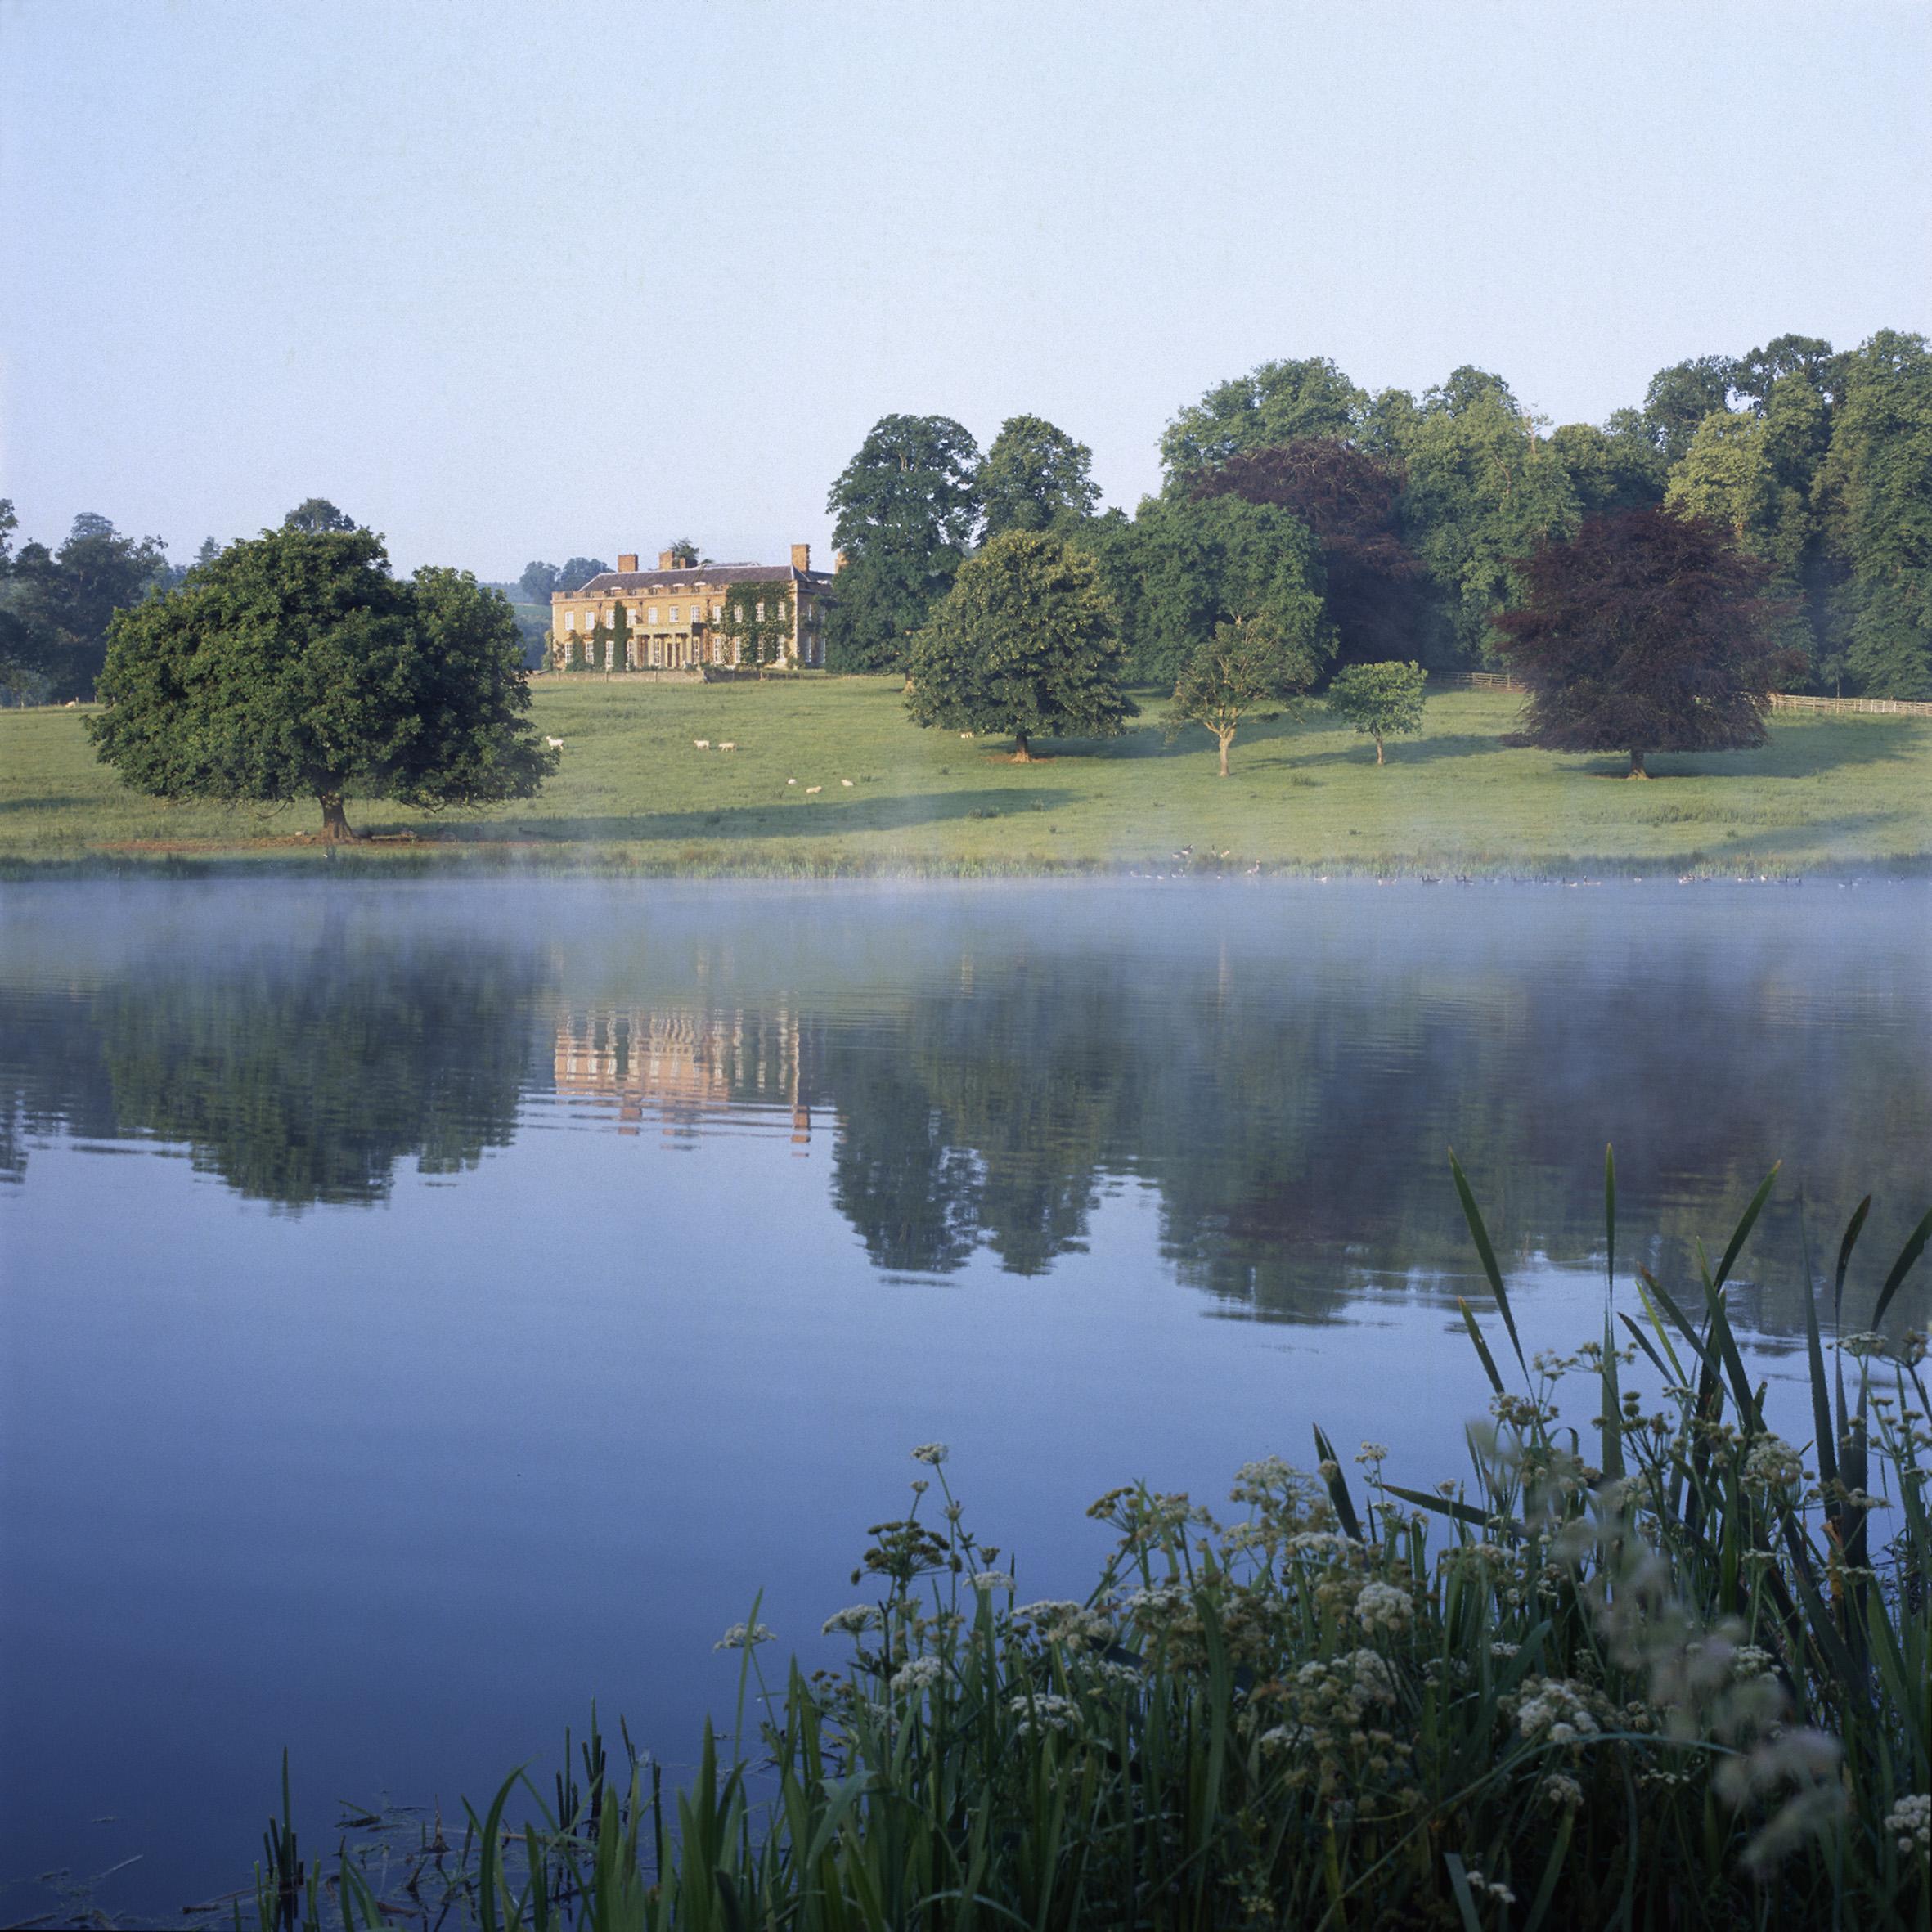 Walcot Hall Arboretum